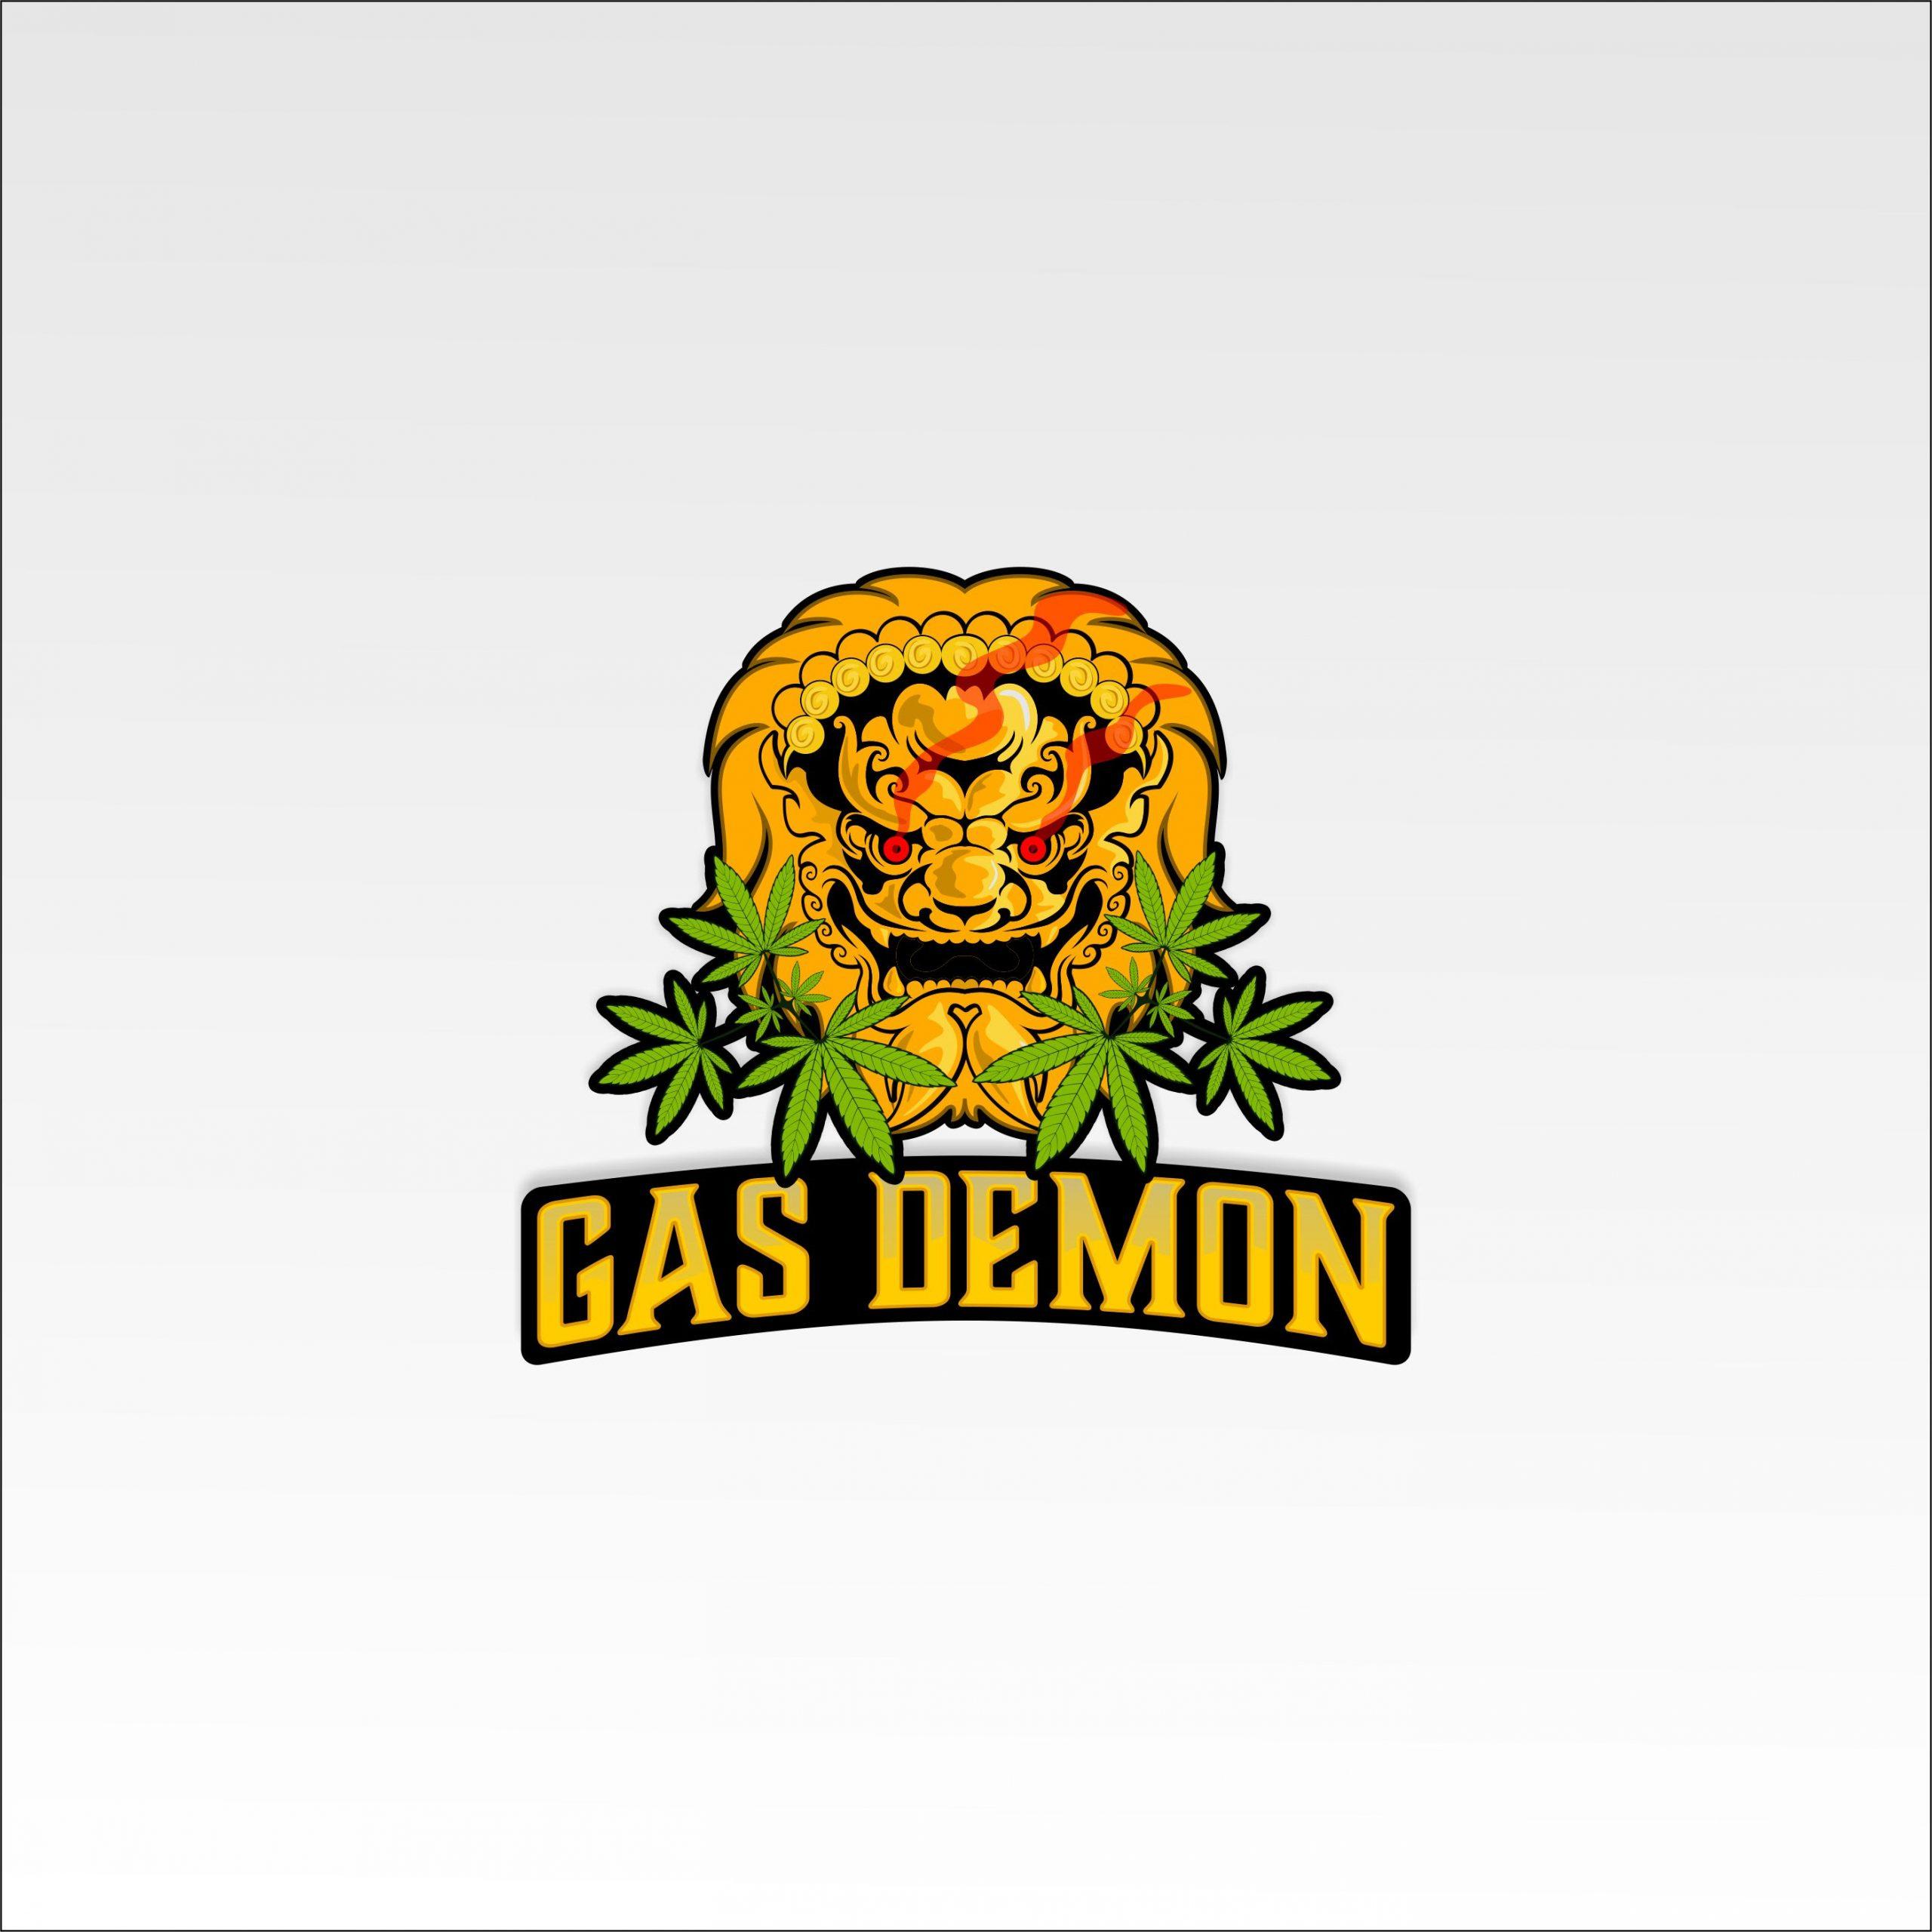 GAS DEMON